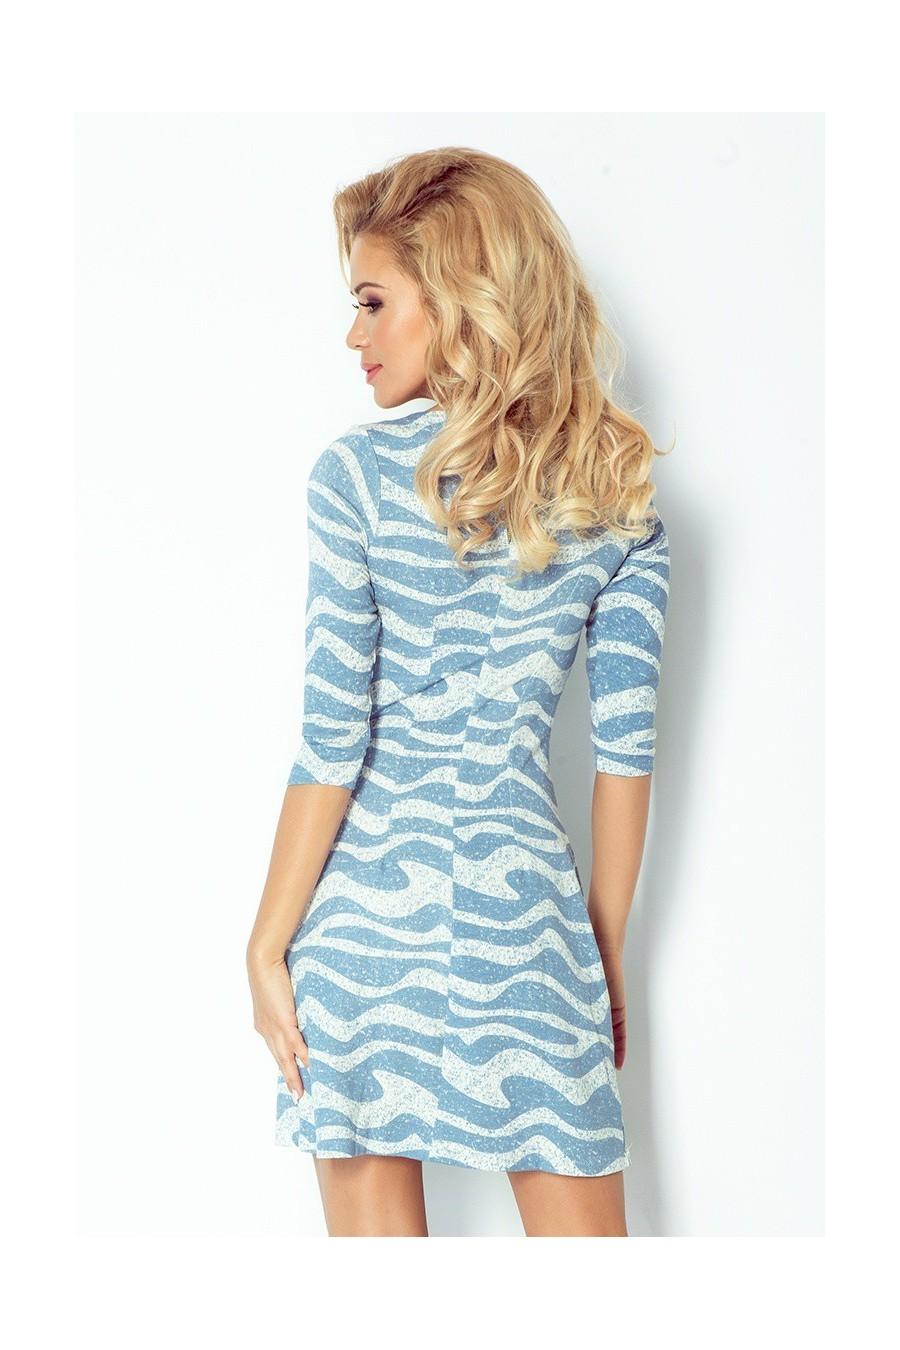 Šaty se zipy - modré vlny 38-18 - BIG SALE ! %